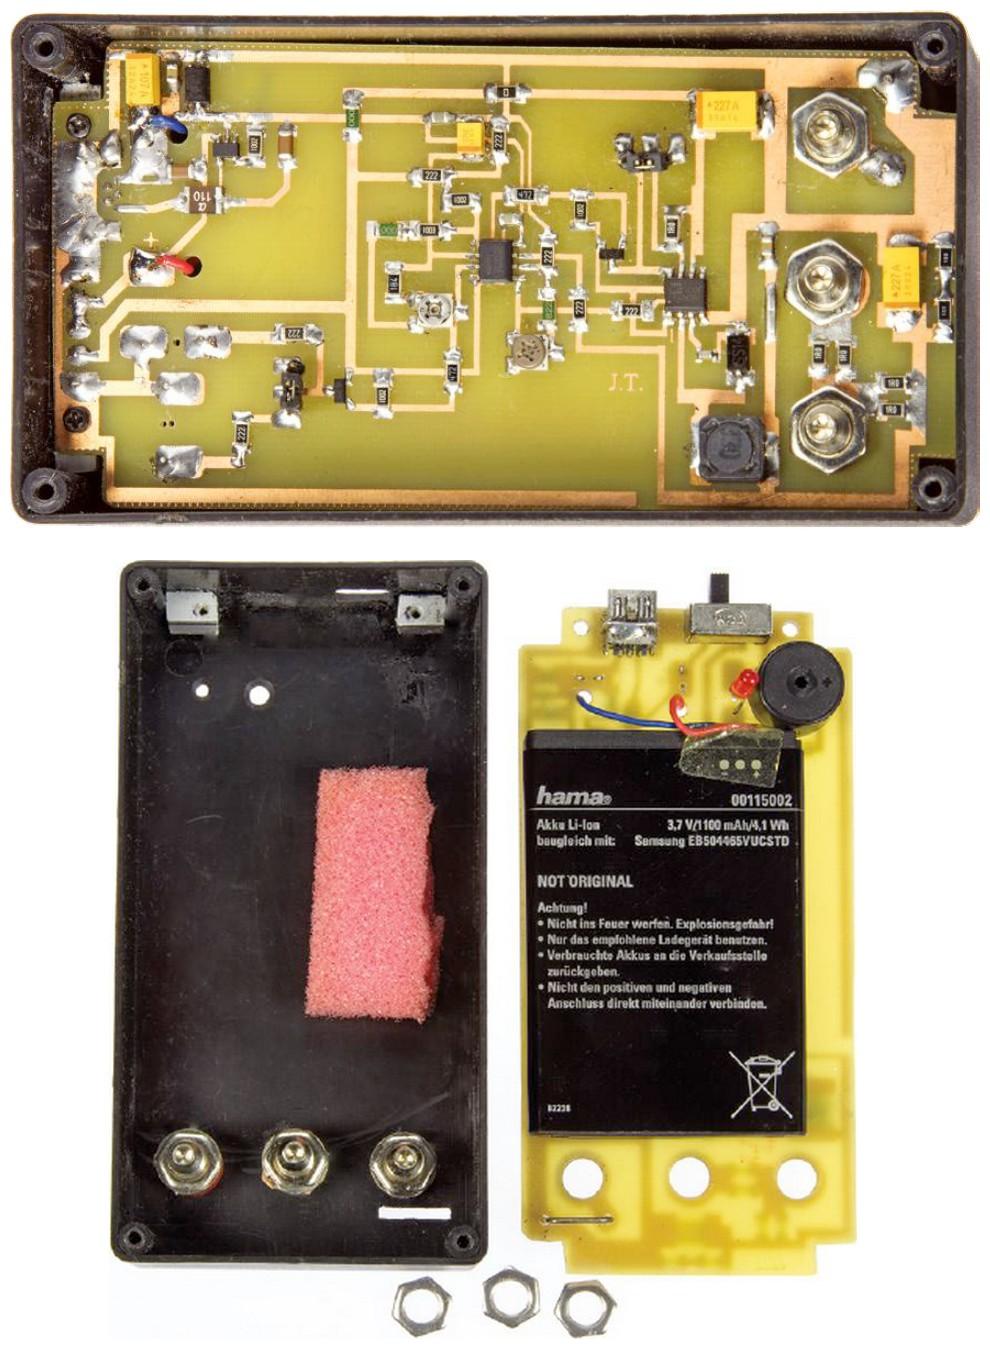 Figura 3: l'alloggiamento del dispositivo ha anche lo spazio per una batteria al litio